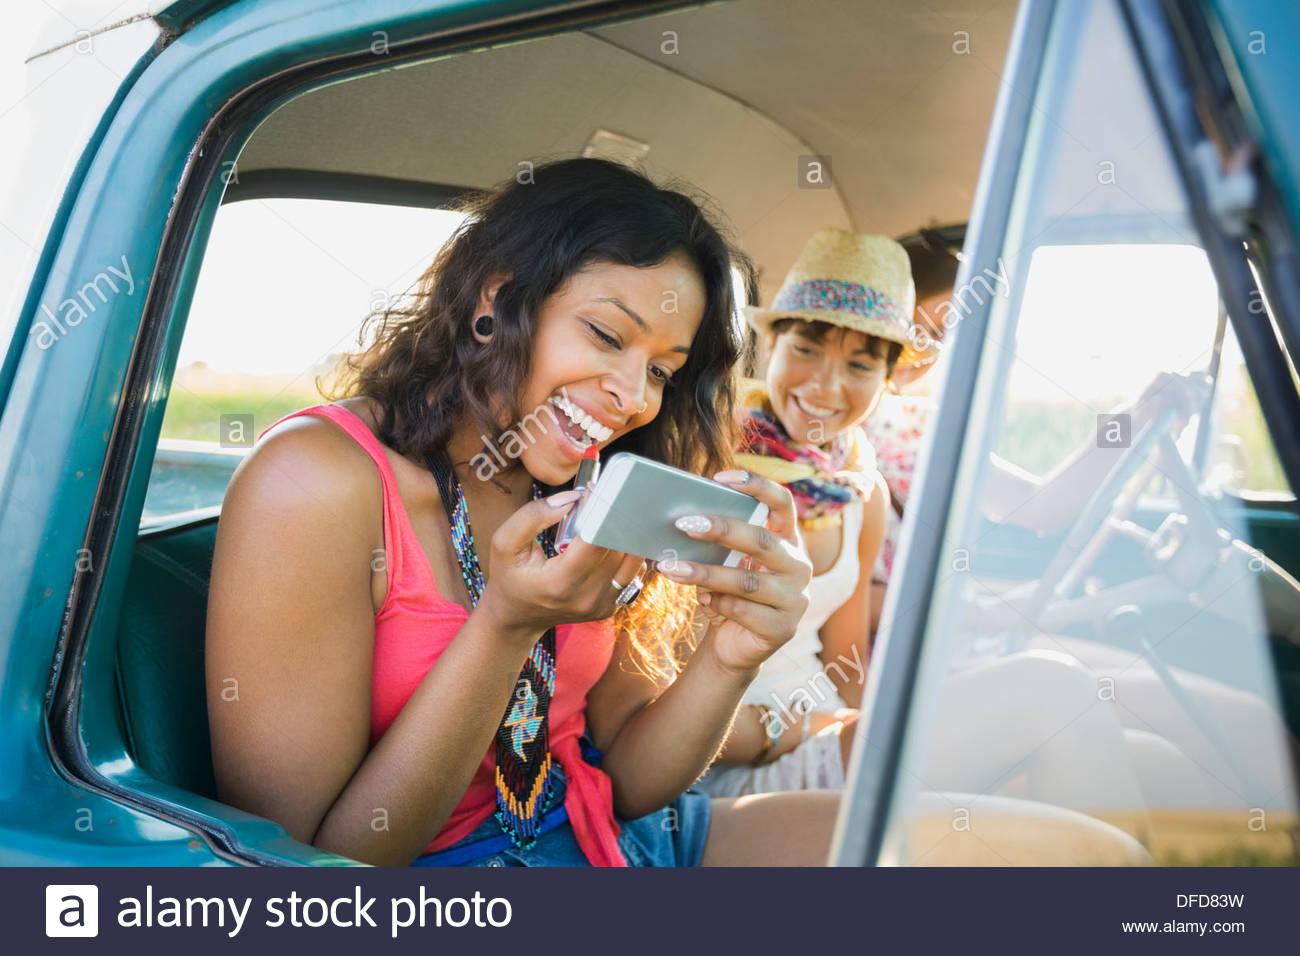 Frau Auftragen von Lippenstift mit Handy in Pick-up-truck Stockbild